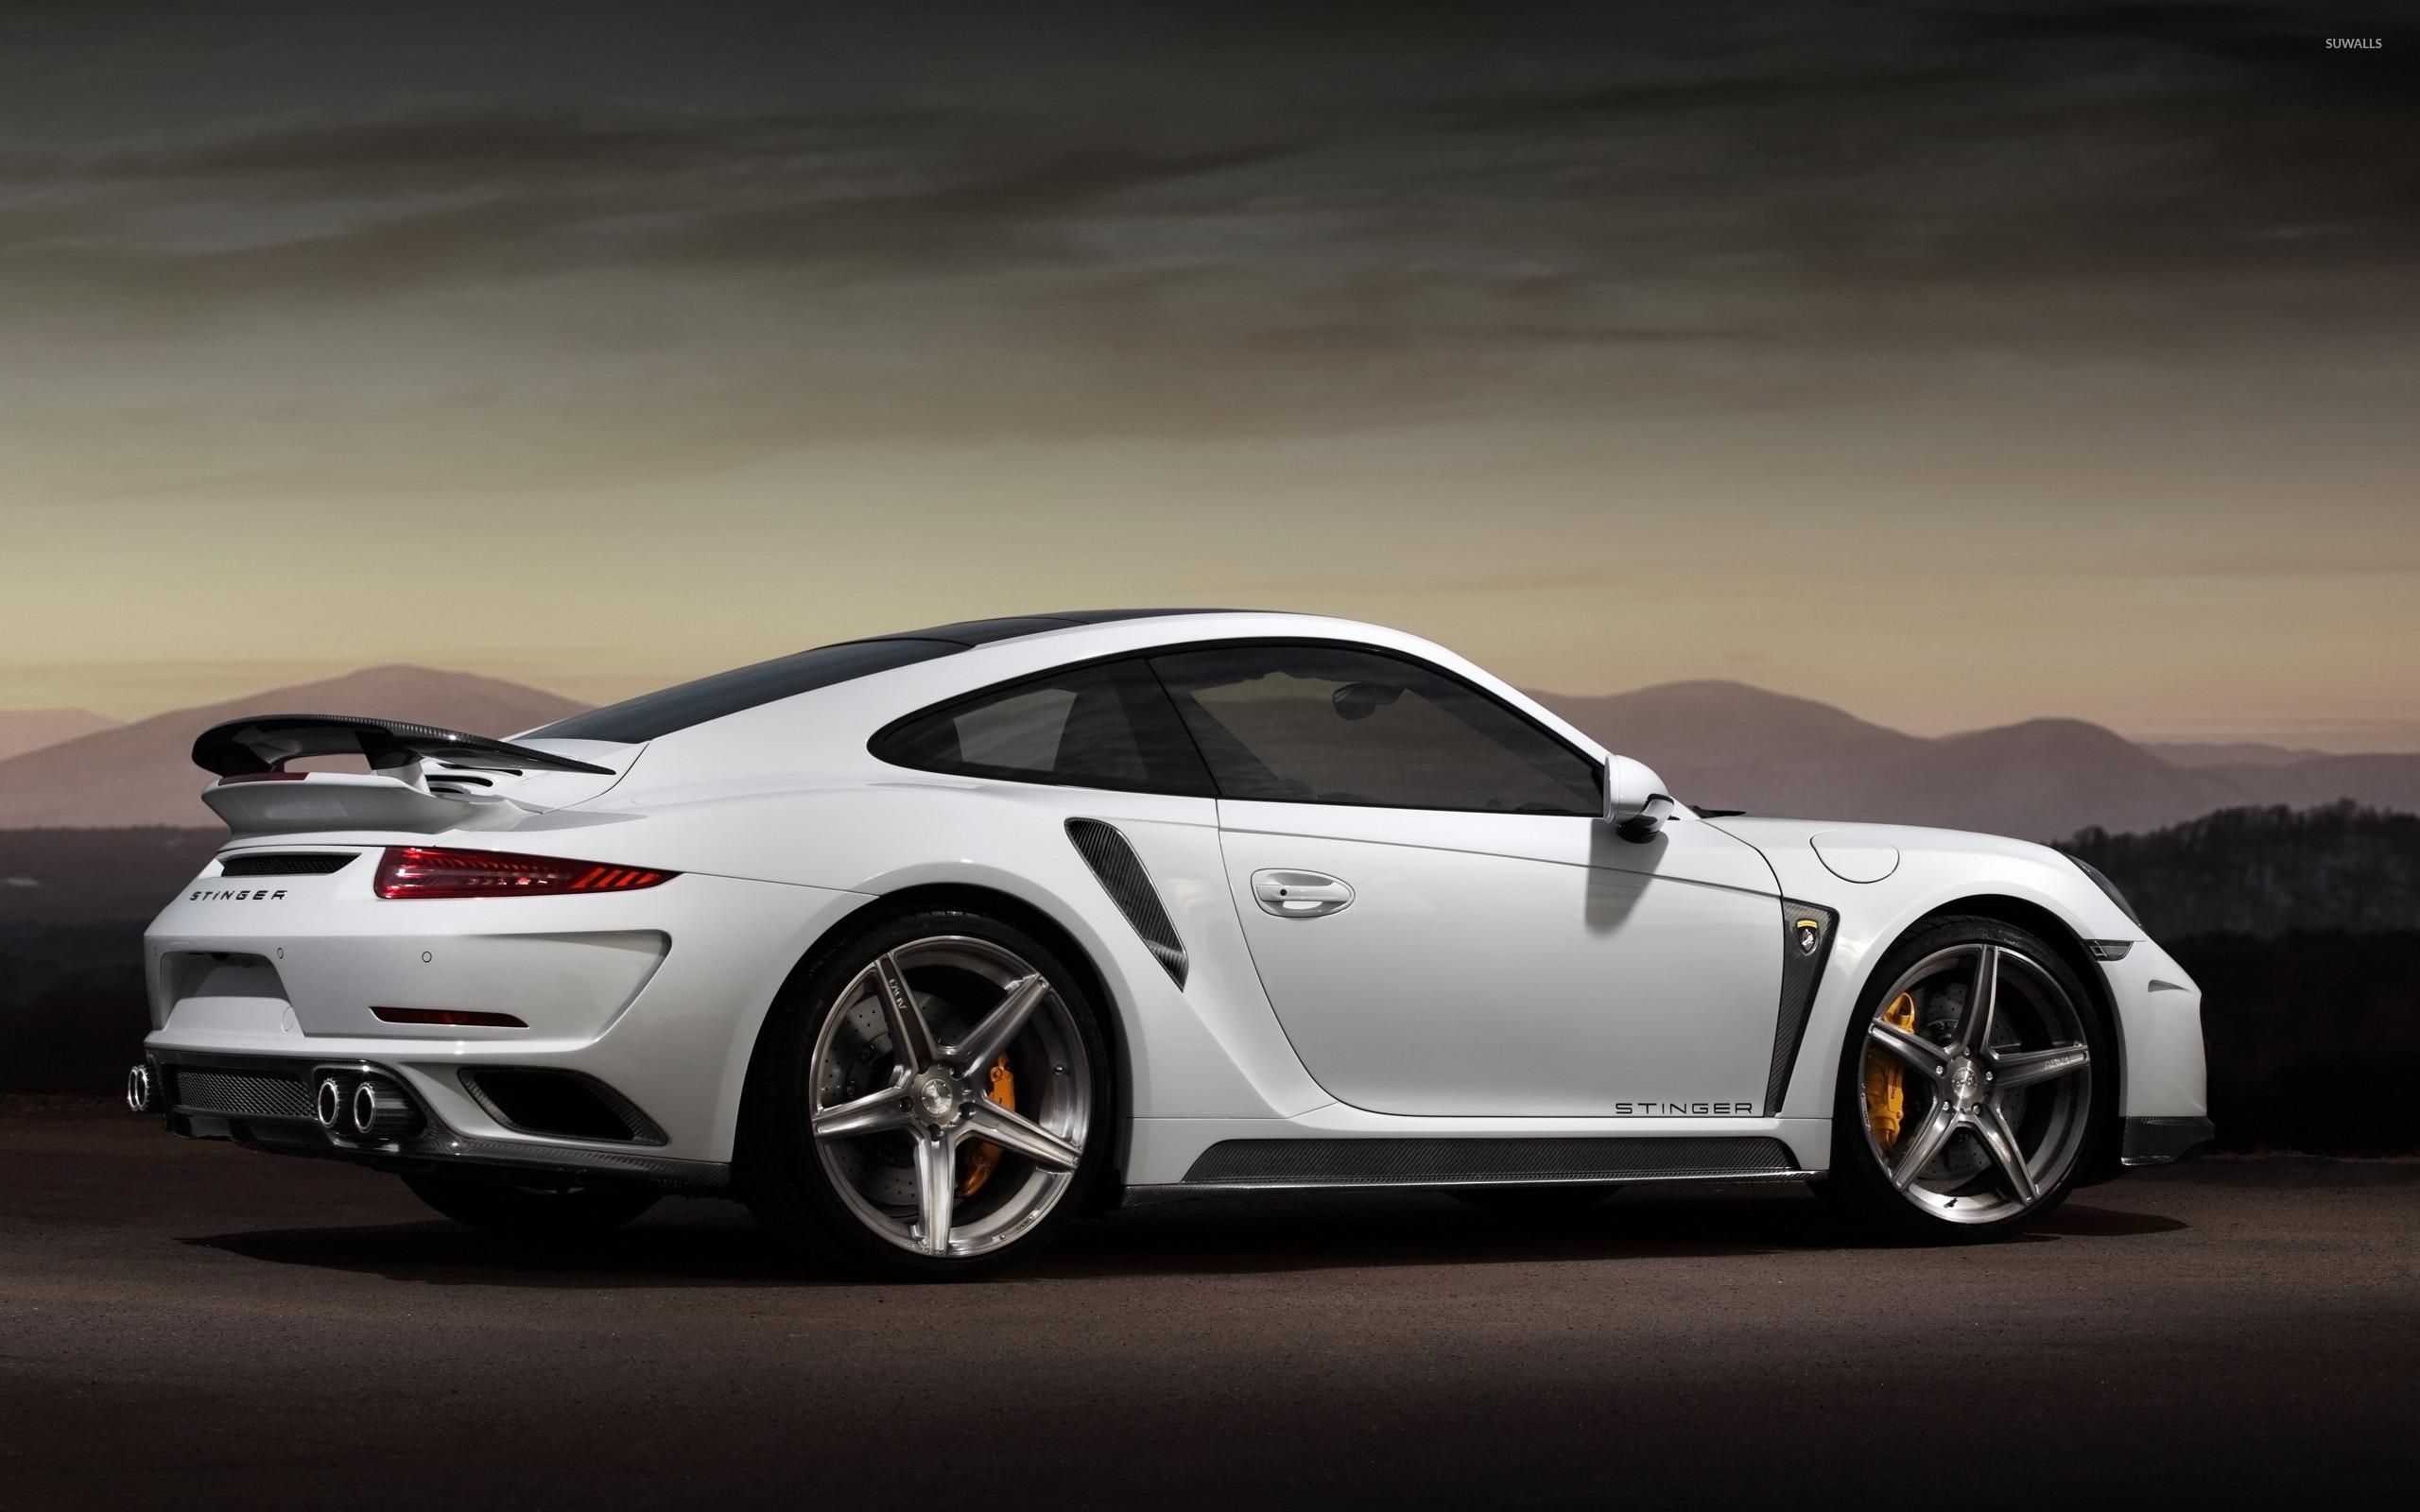 stinger porsche 991 4 wallpaper - 2015 Porsche 911 Turbo Wallpaper